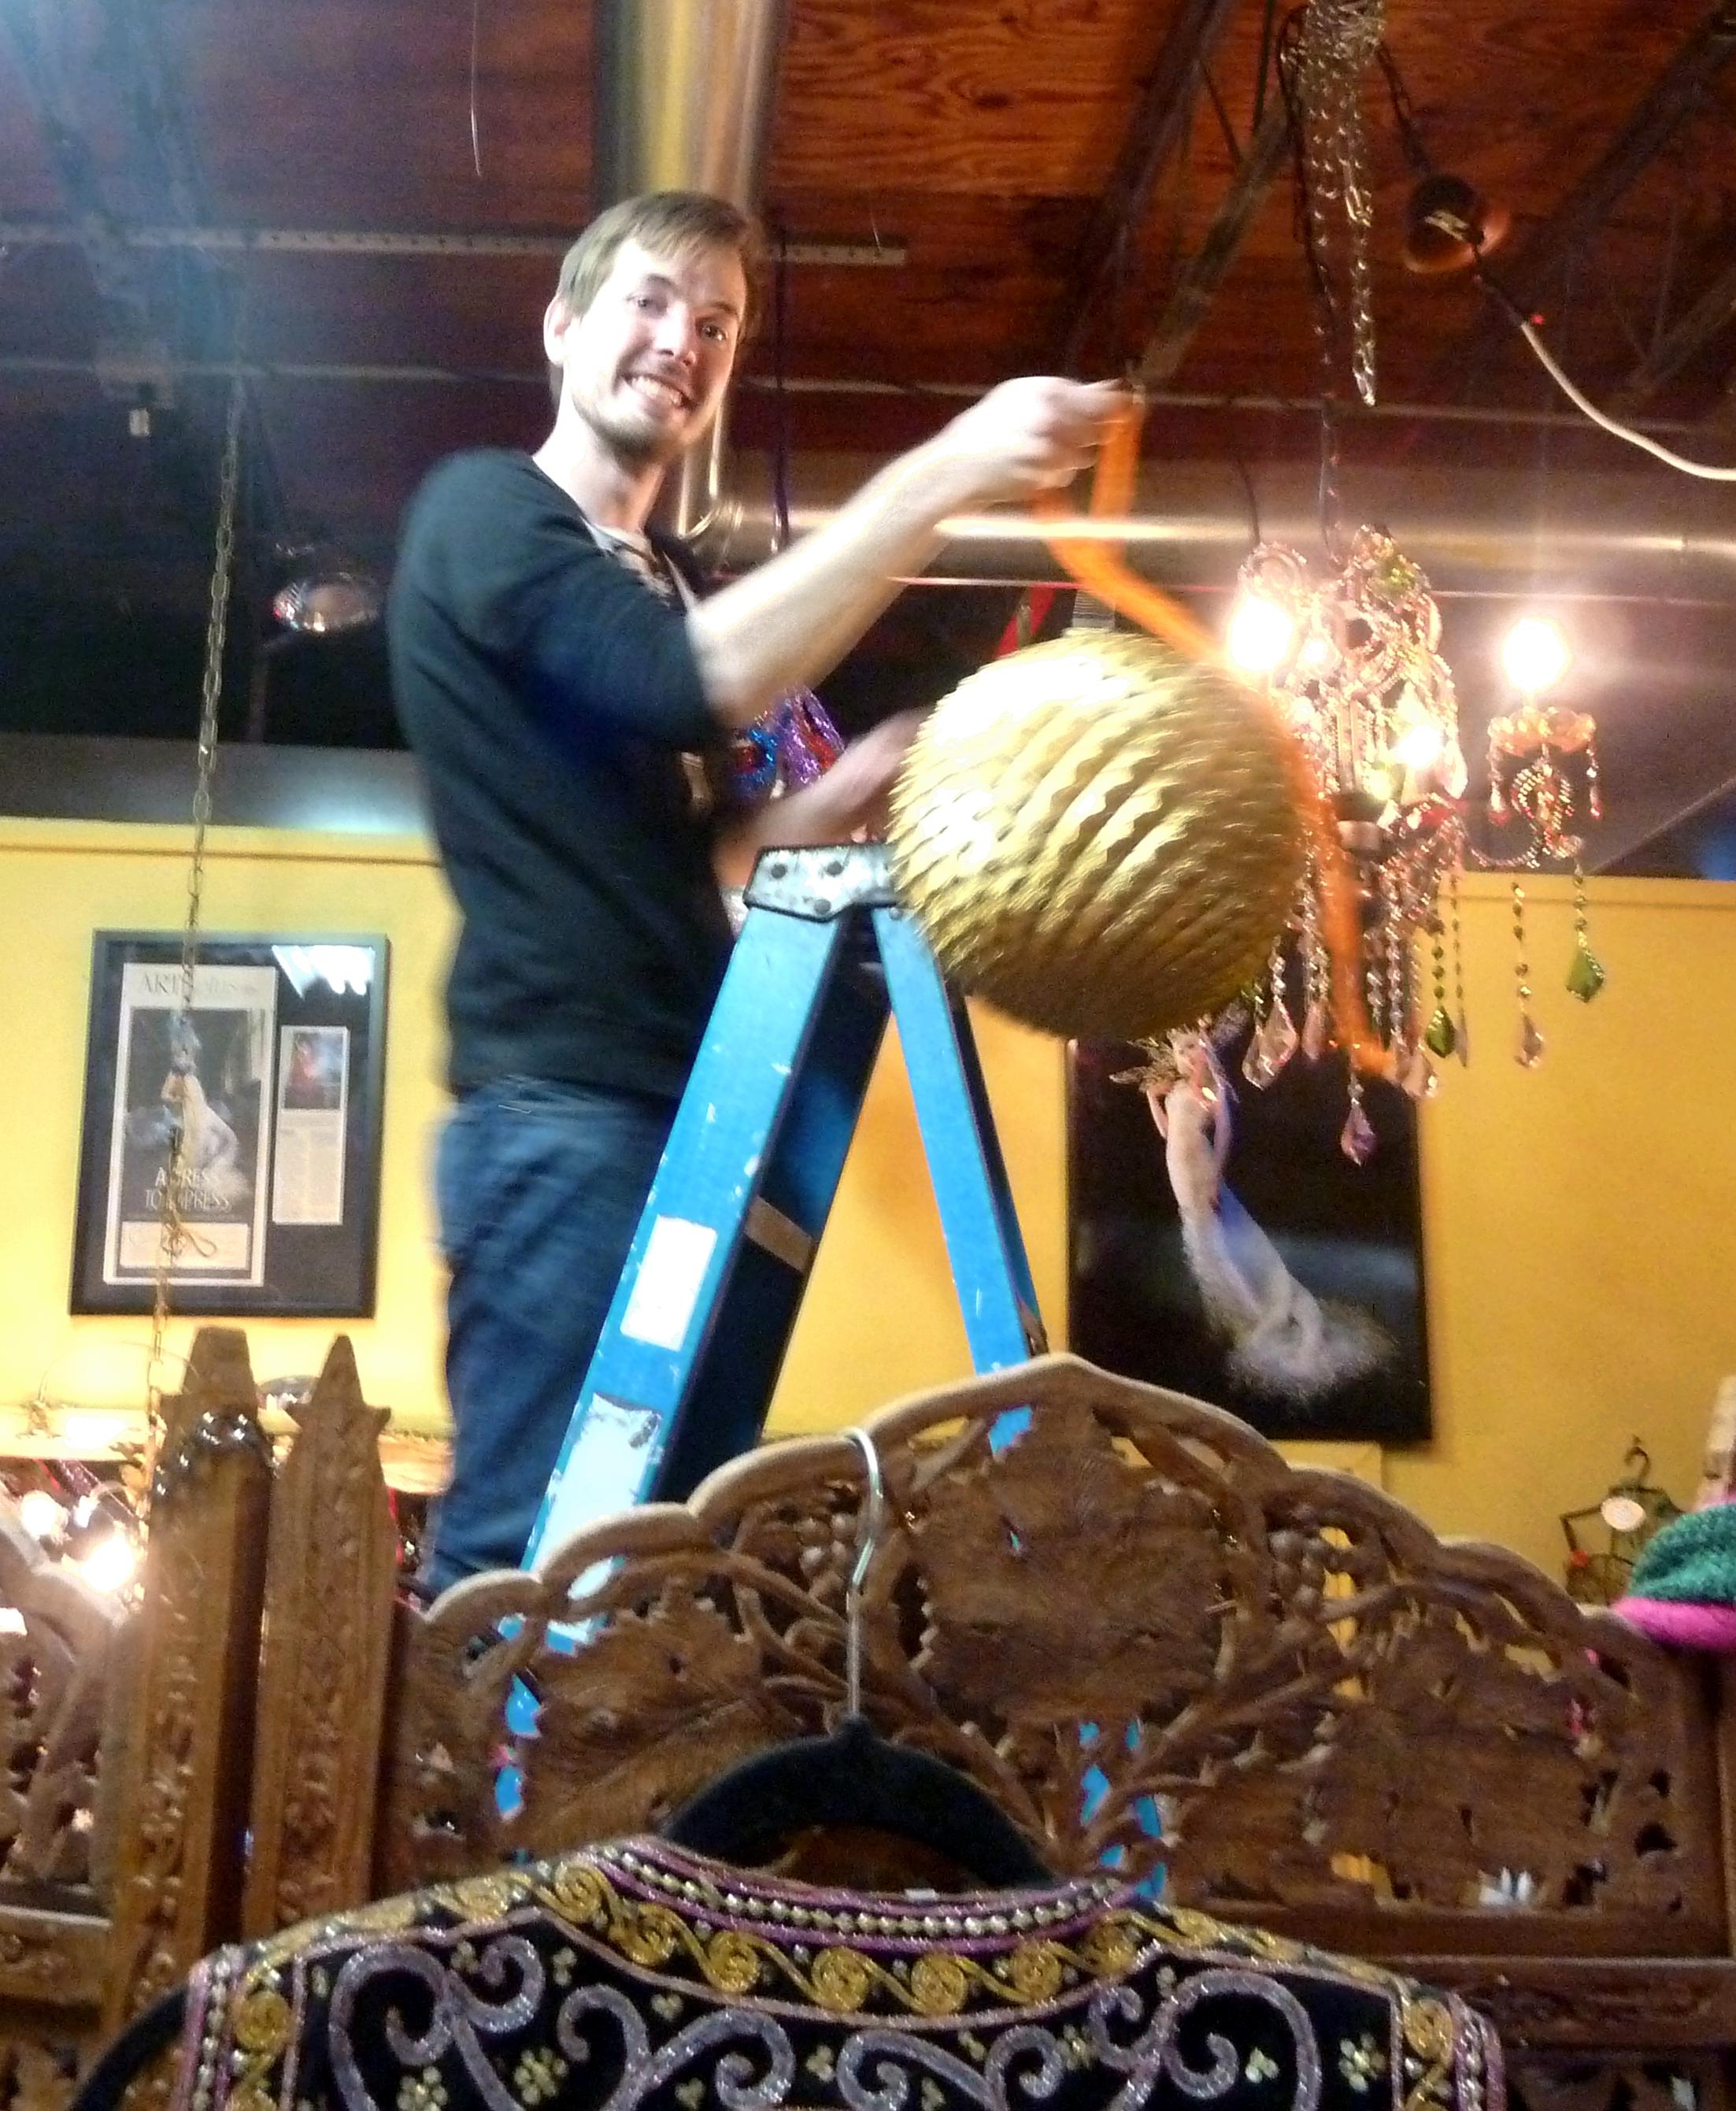 Galen hanging chandeliers